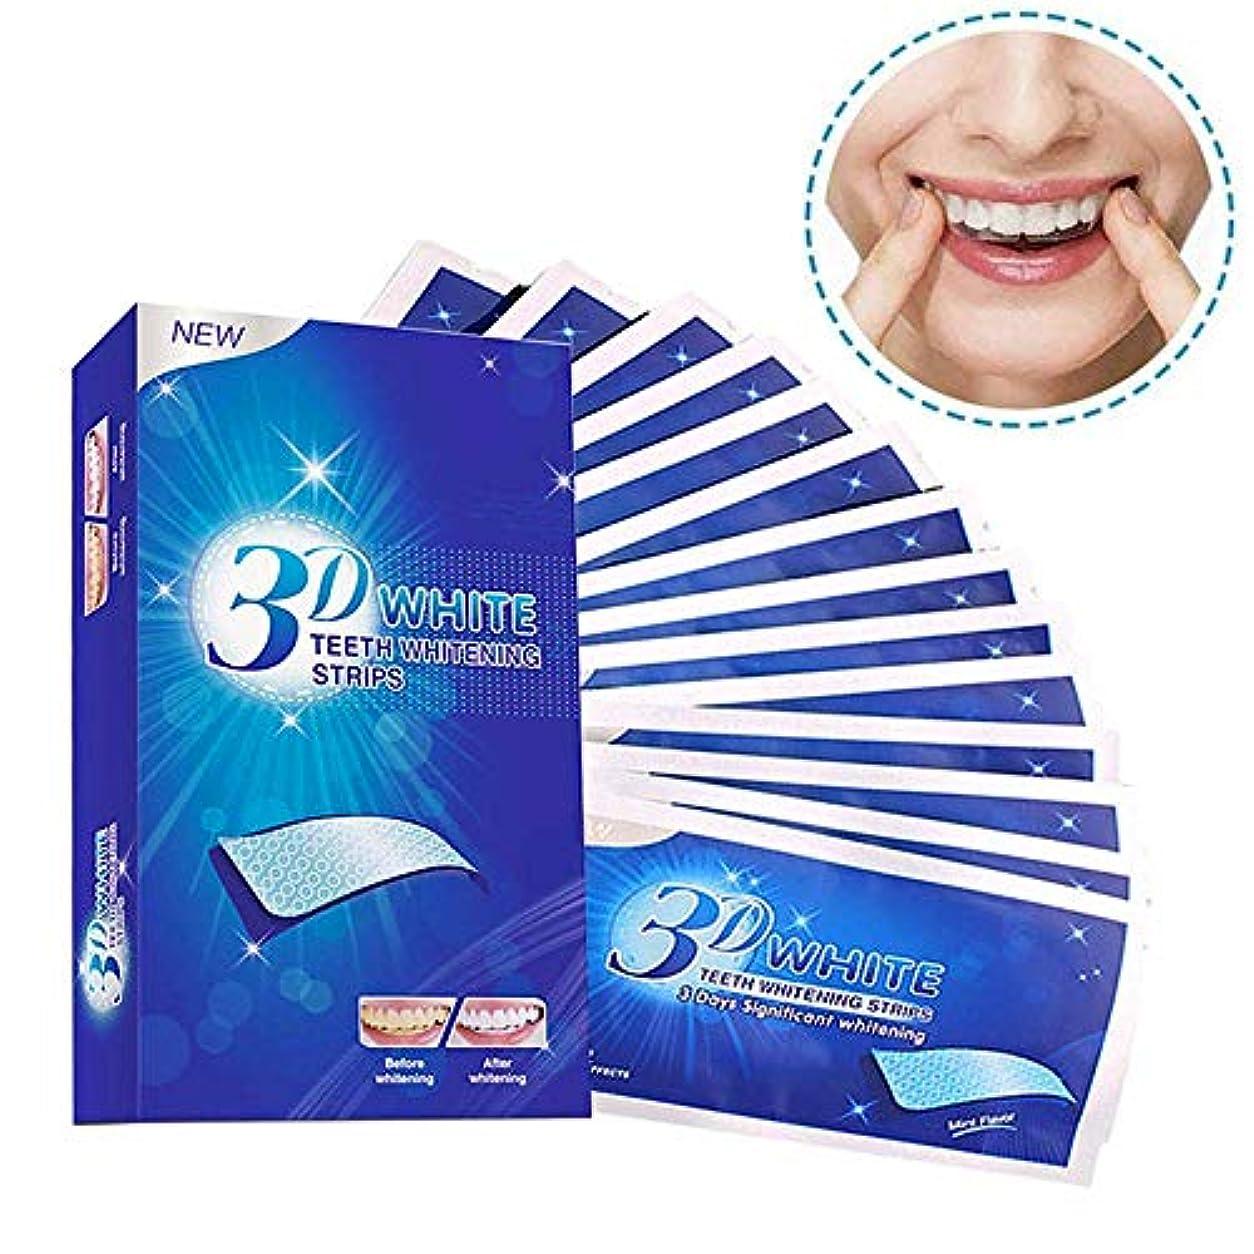 歯 美白 ホワイトニング マニキュア 歯ケア 歯のホワイトニング 歯を白 ホワイトニングテープ 歯を漂白 7セット/14枚 (7セット/14枚)